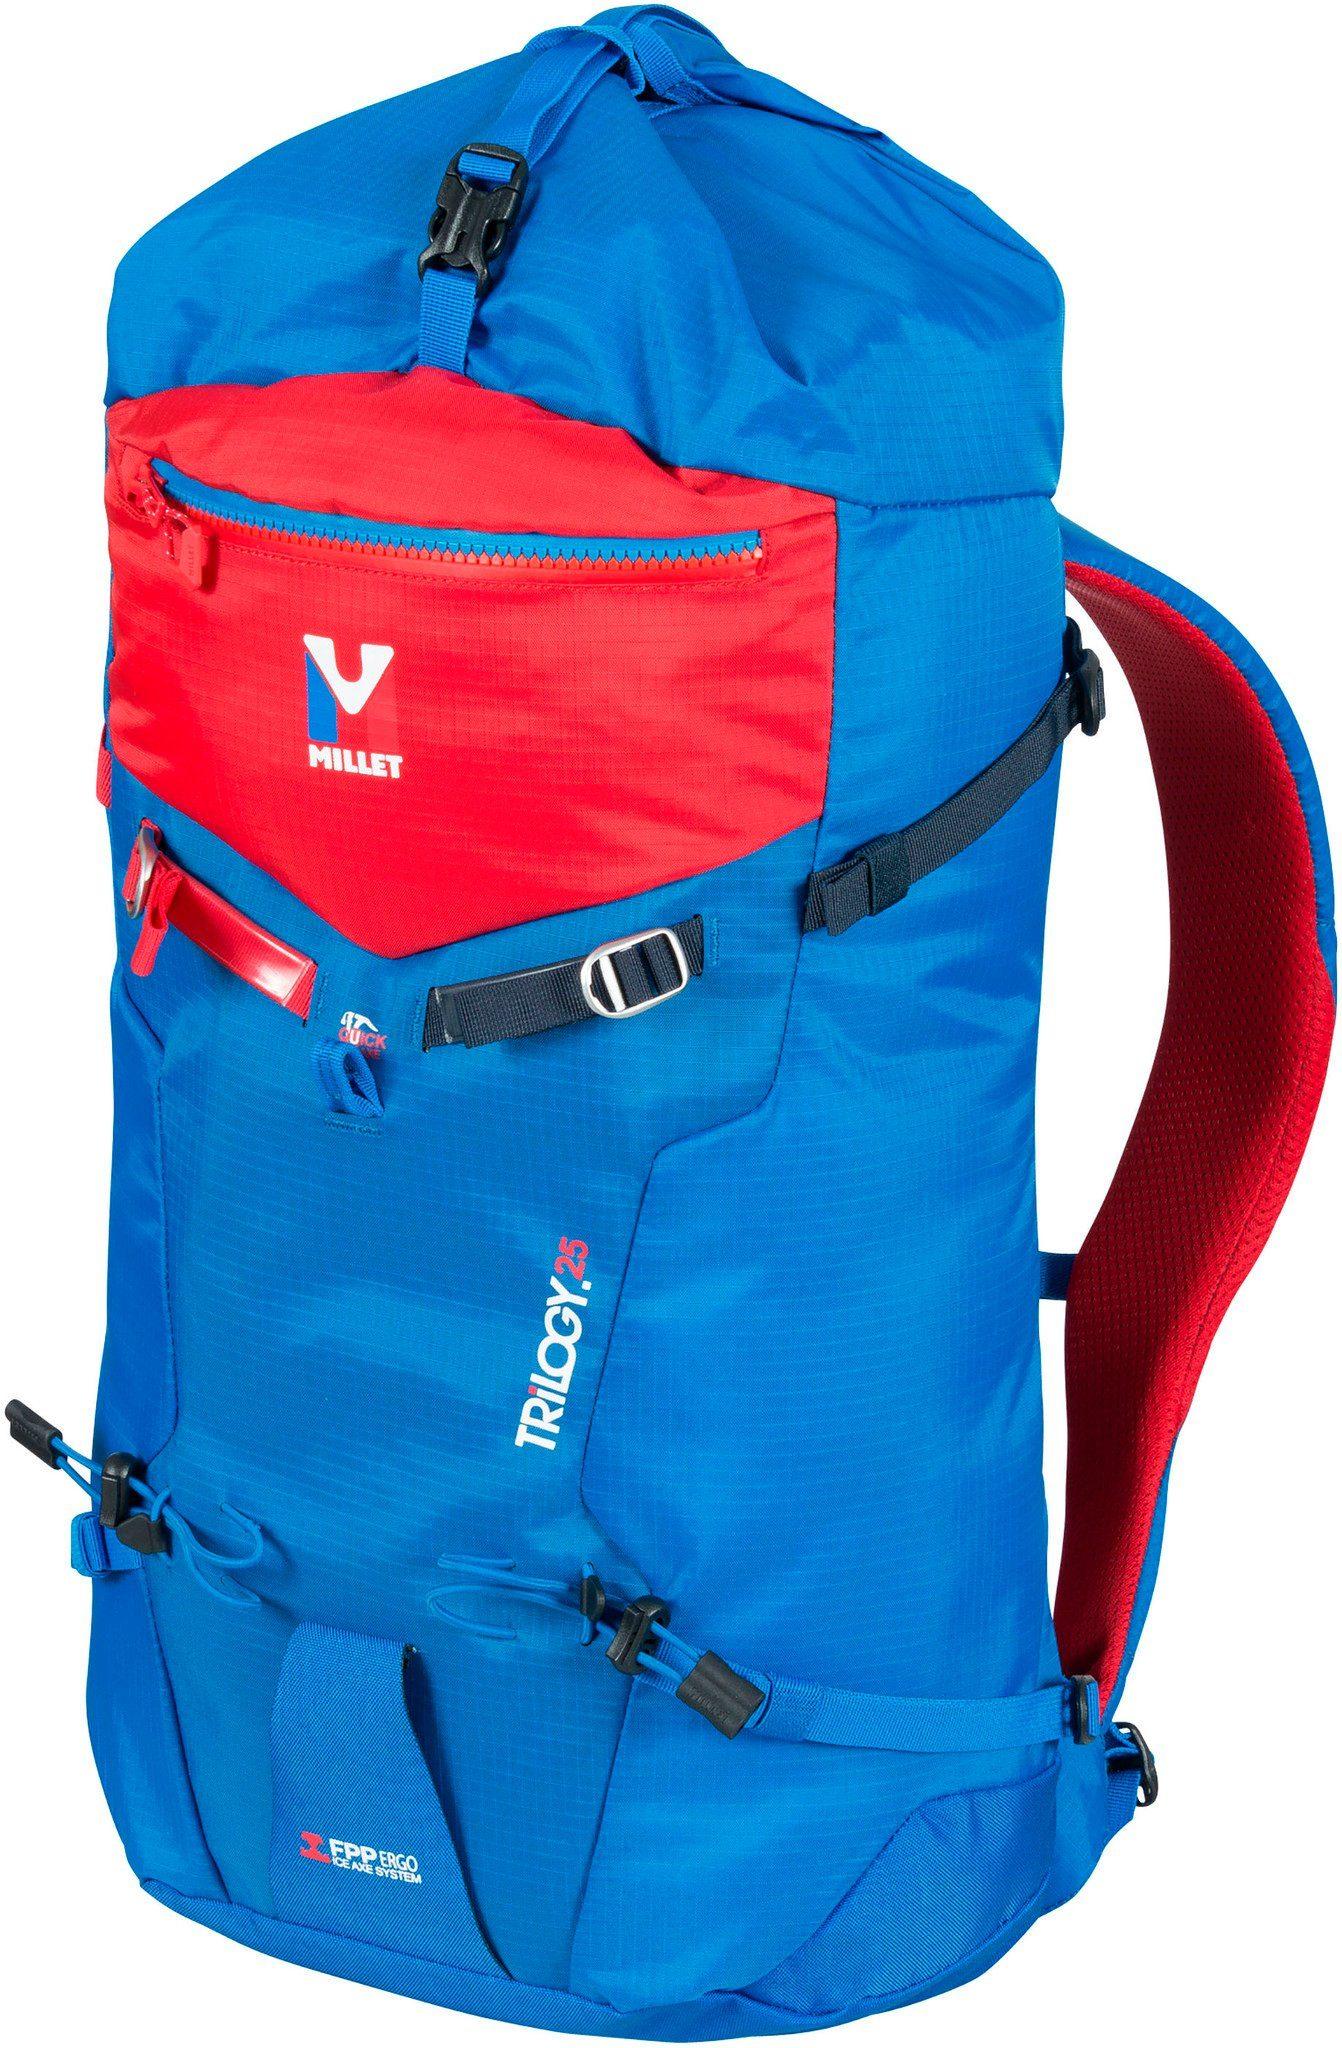 Millet Wanderrucksack »Trilogy 25 Backpack«